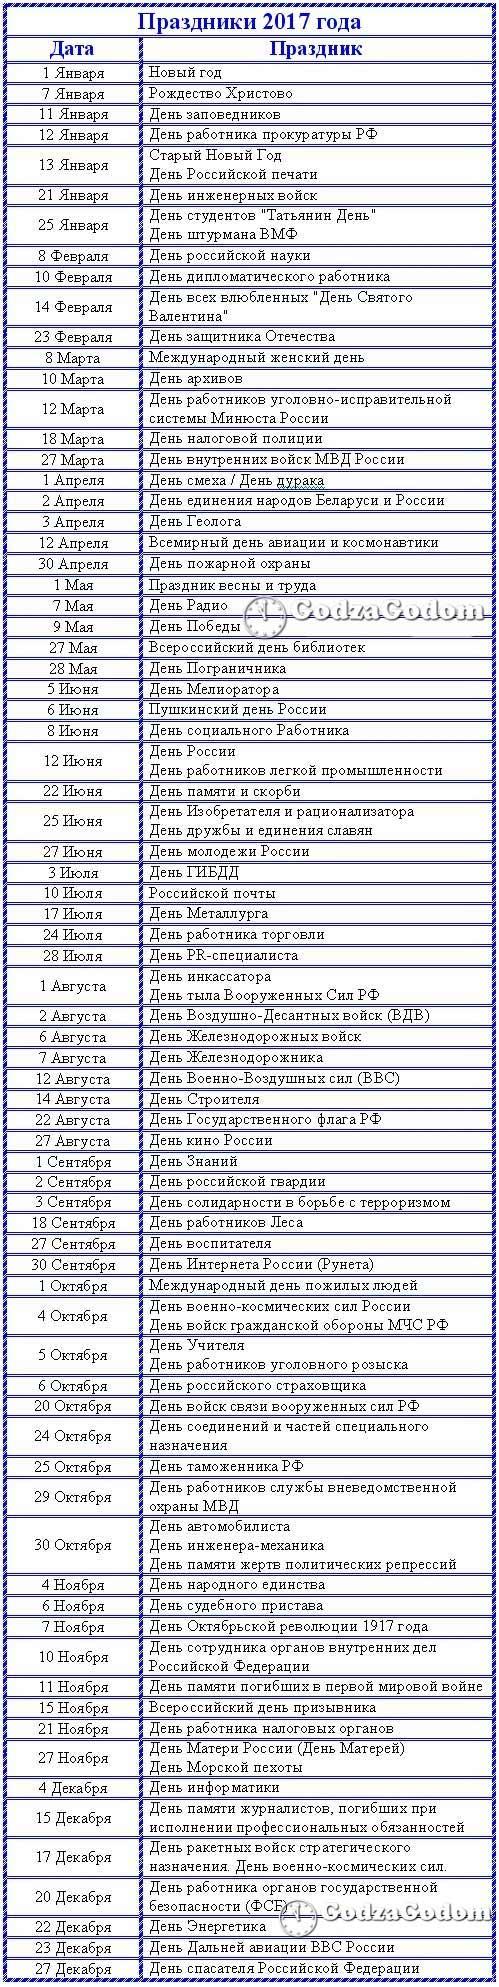 Календарь с праздниками на 2017 год (по месяцам)